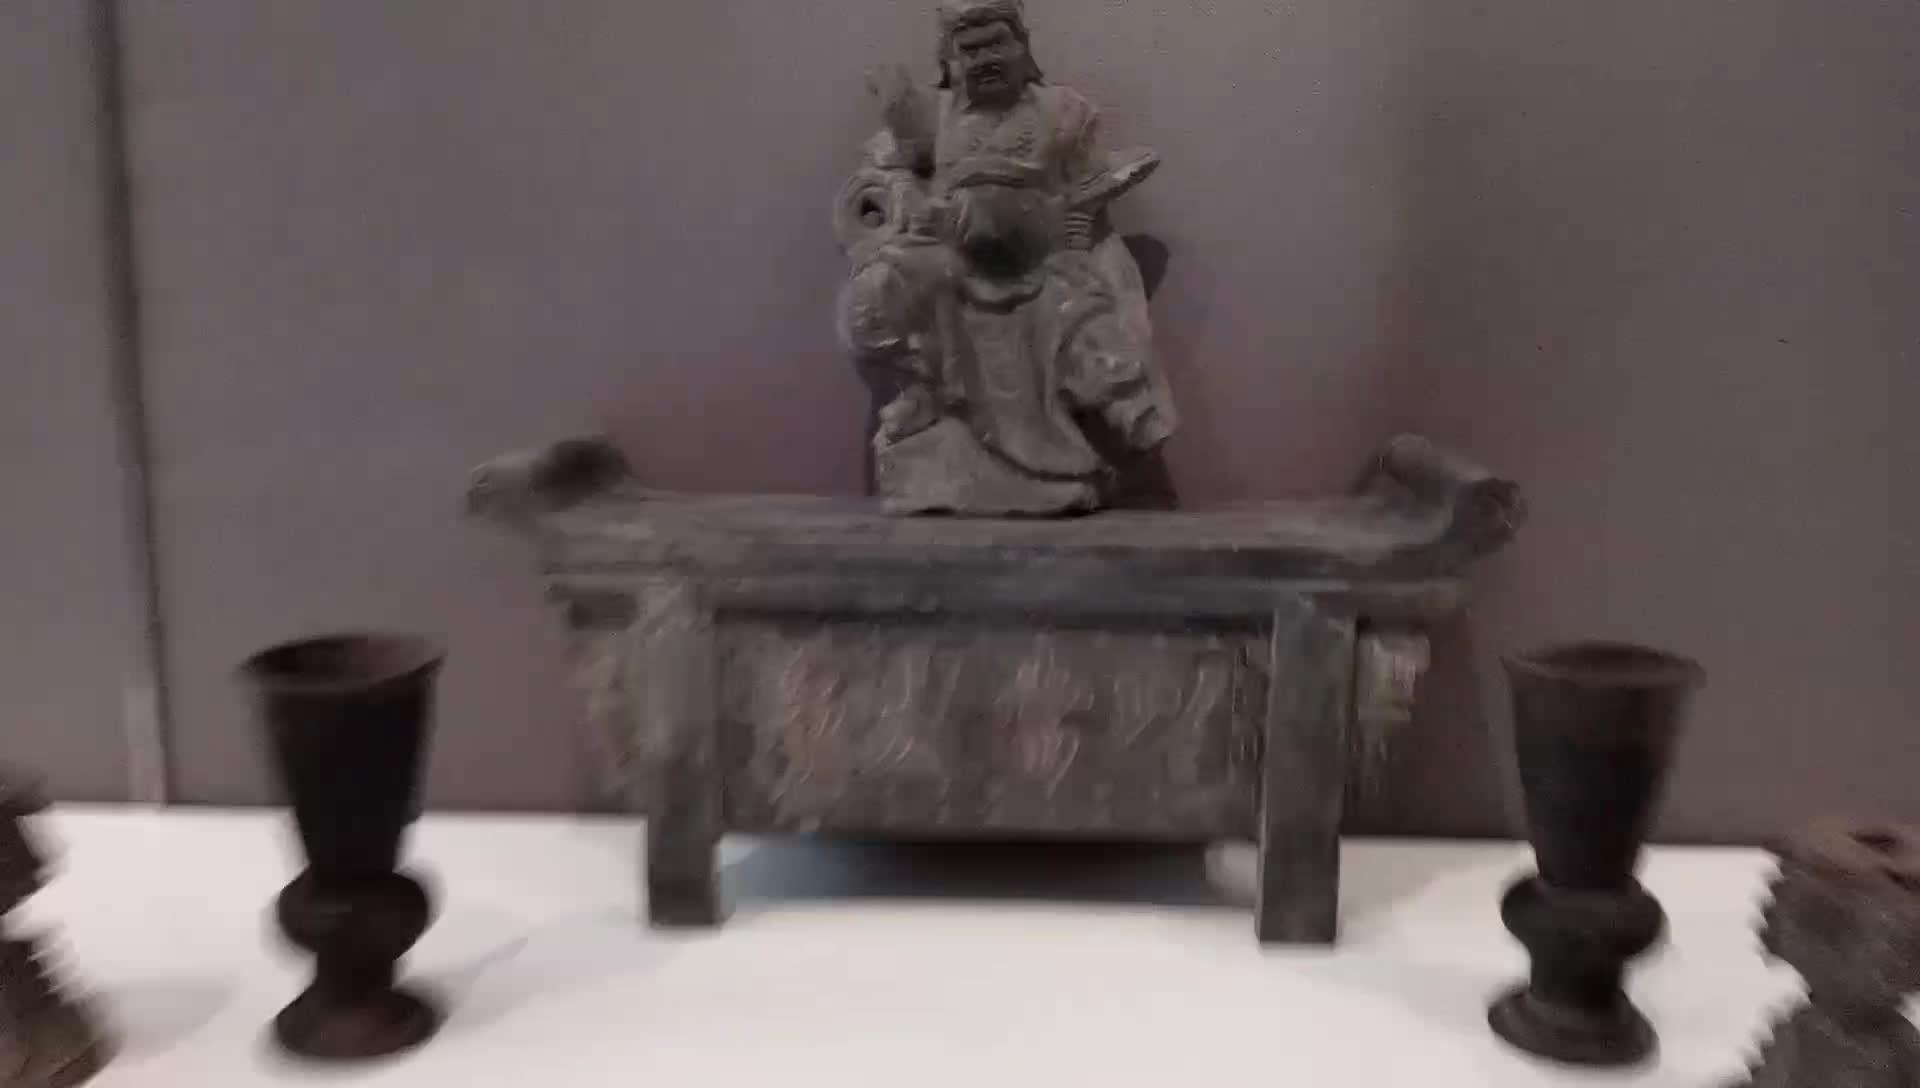 砖雕的独特魅力 在临汾领略到了!